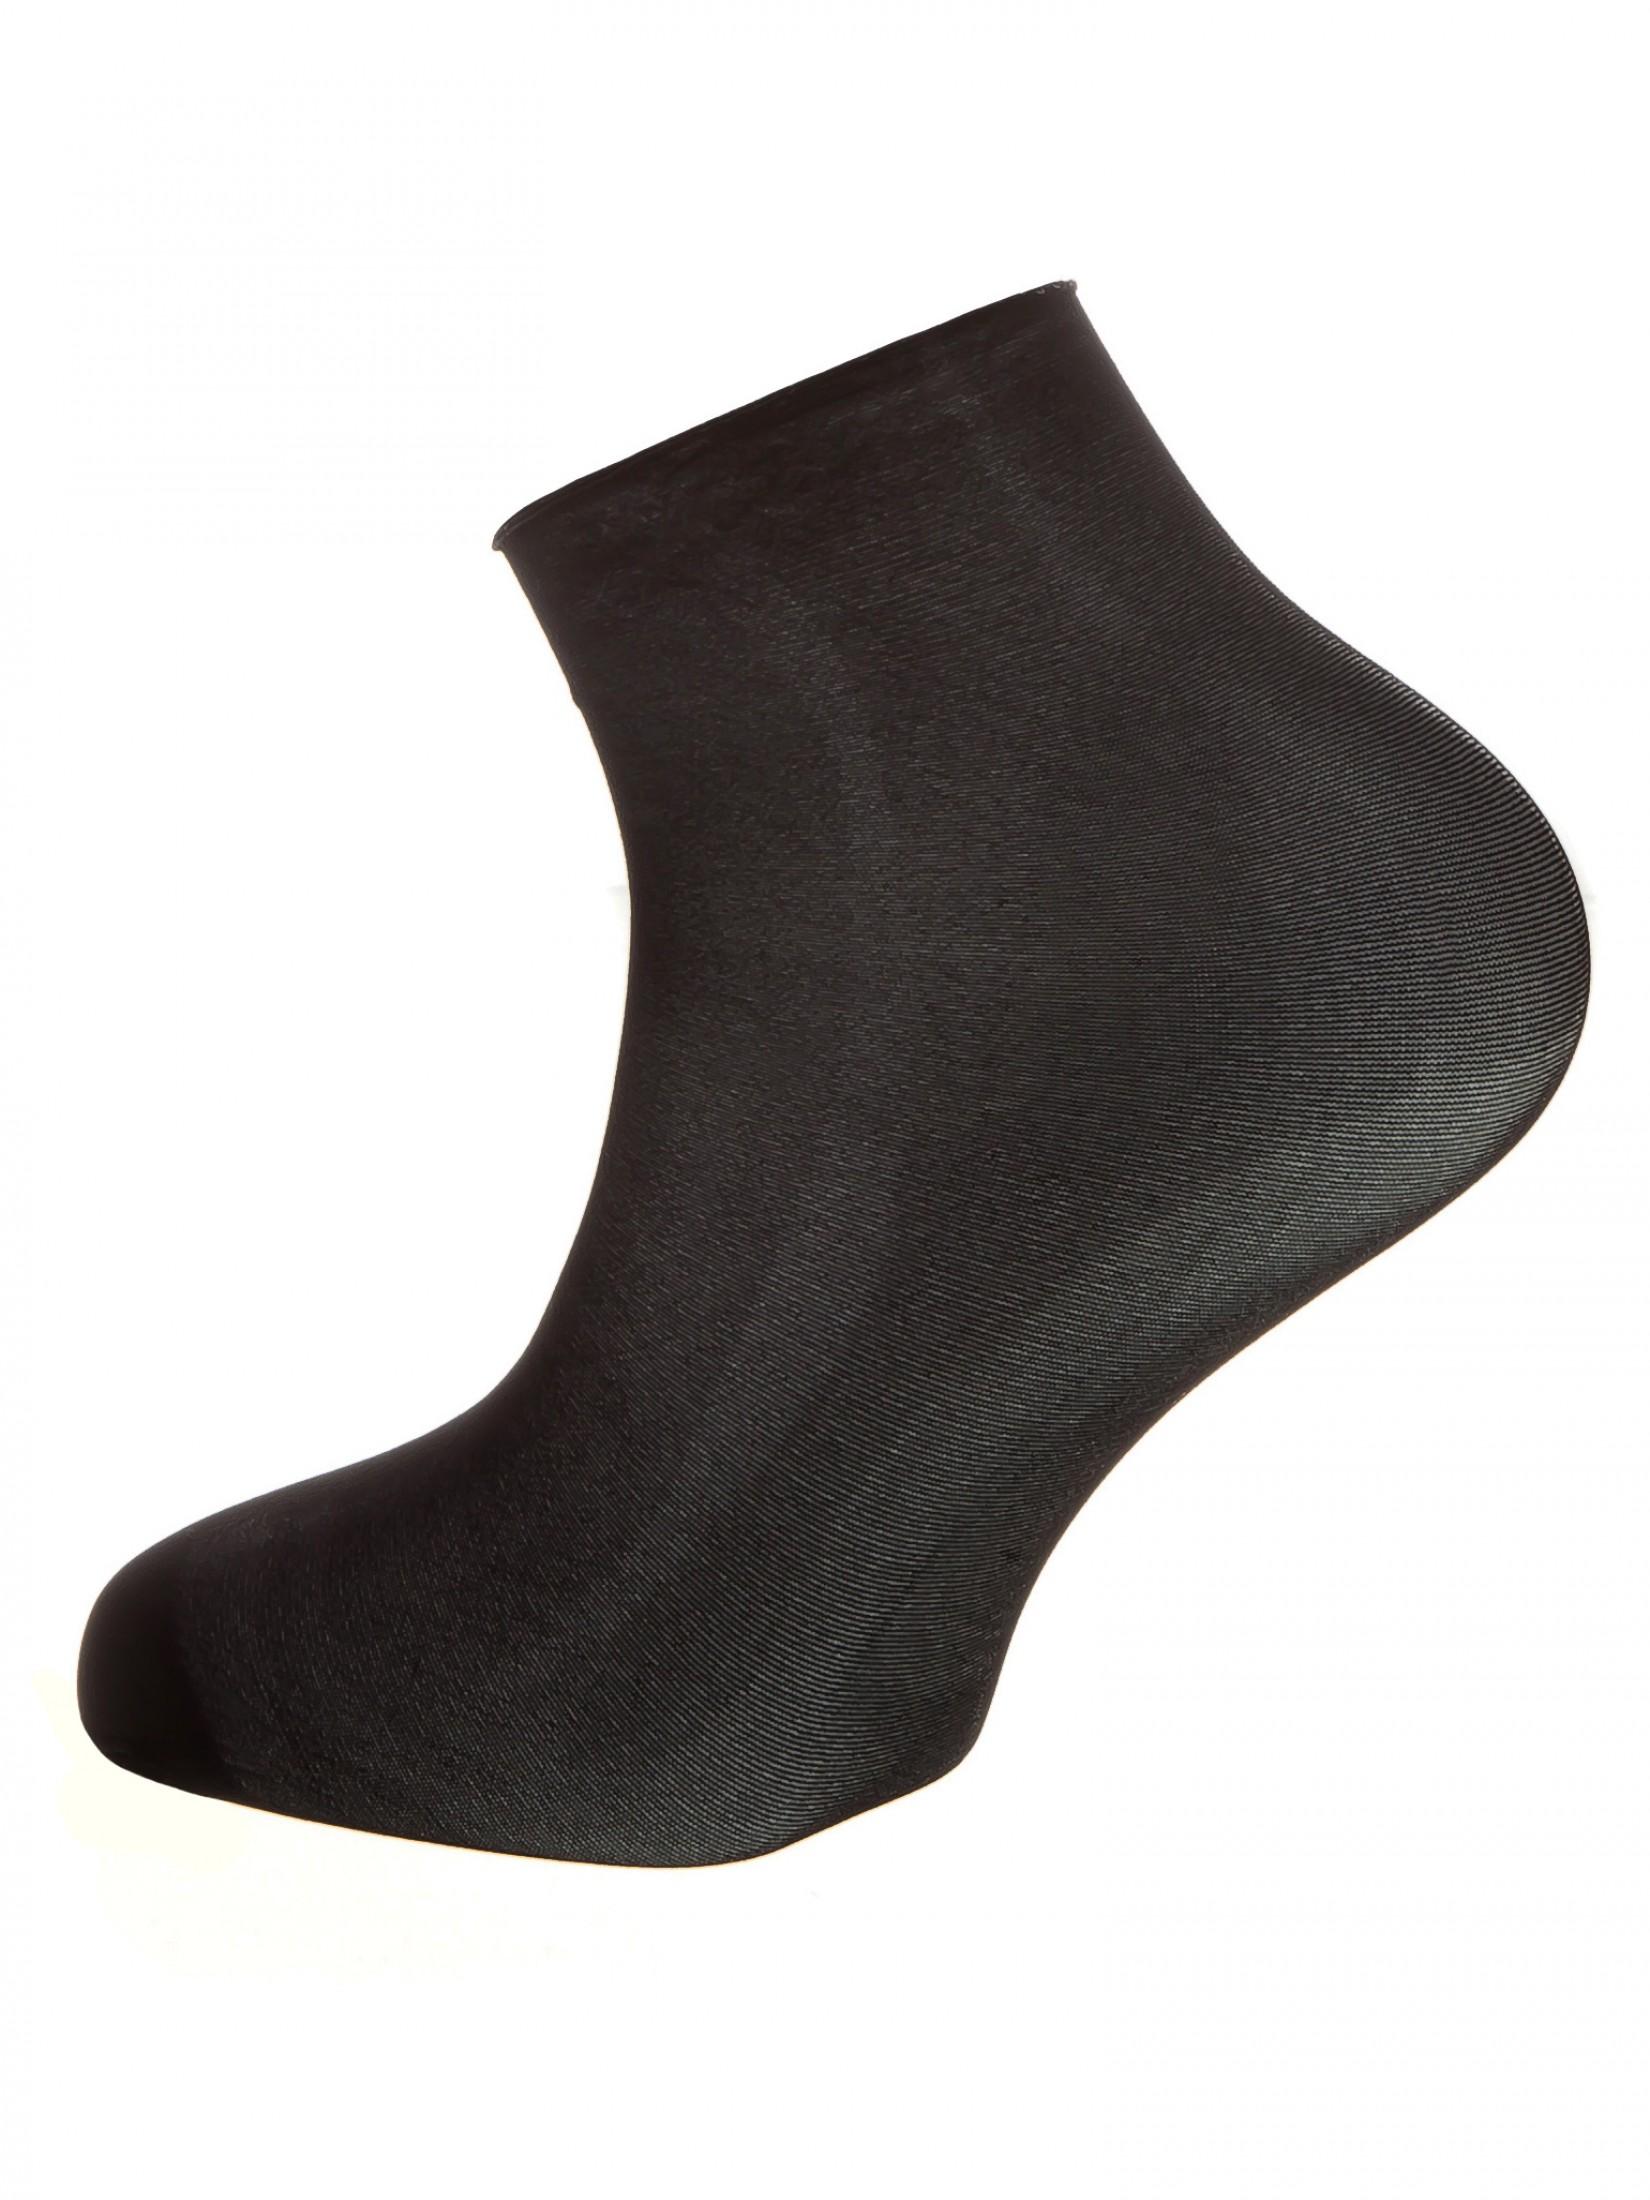 Капроновые носки женские Mademoiselle Simply (c.) черные UNICA